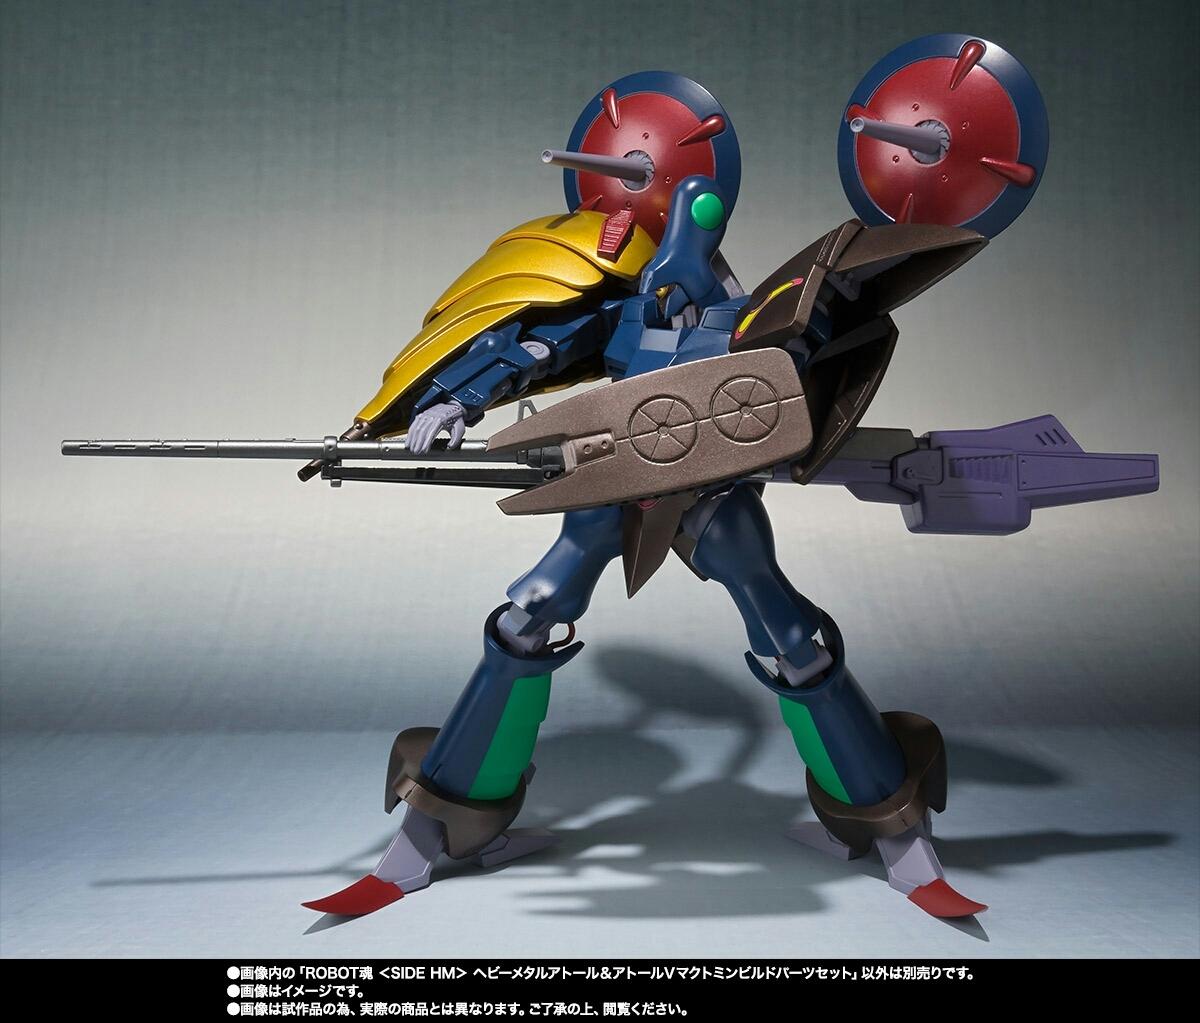 重戦機エルガイム バンダイ ROBOT魂 ロボット魂<SIDE HM>オージ+ガイラム+アトール&アトールVマクトミンビルドパーツセット_画像3